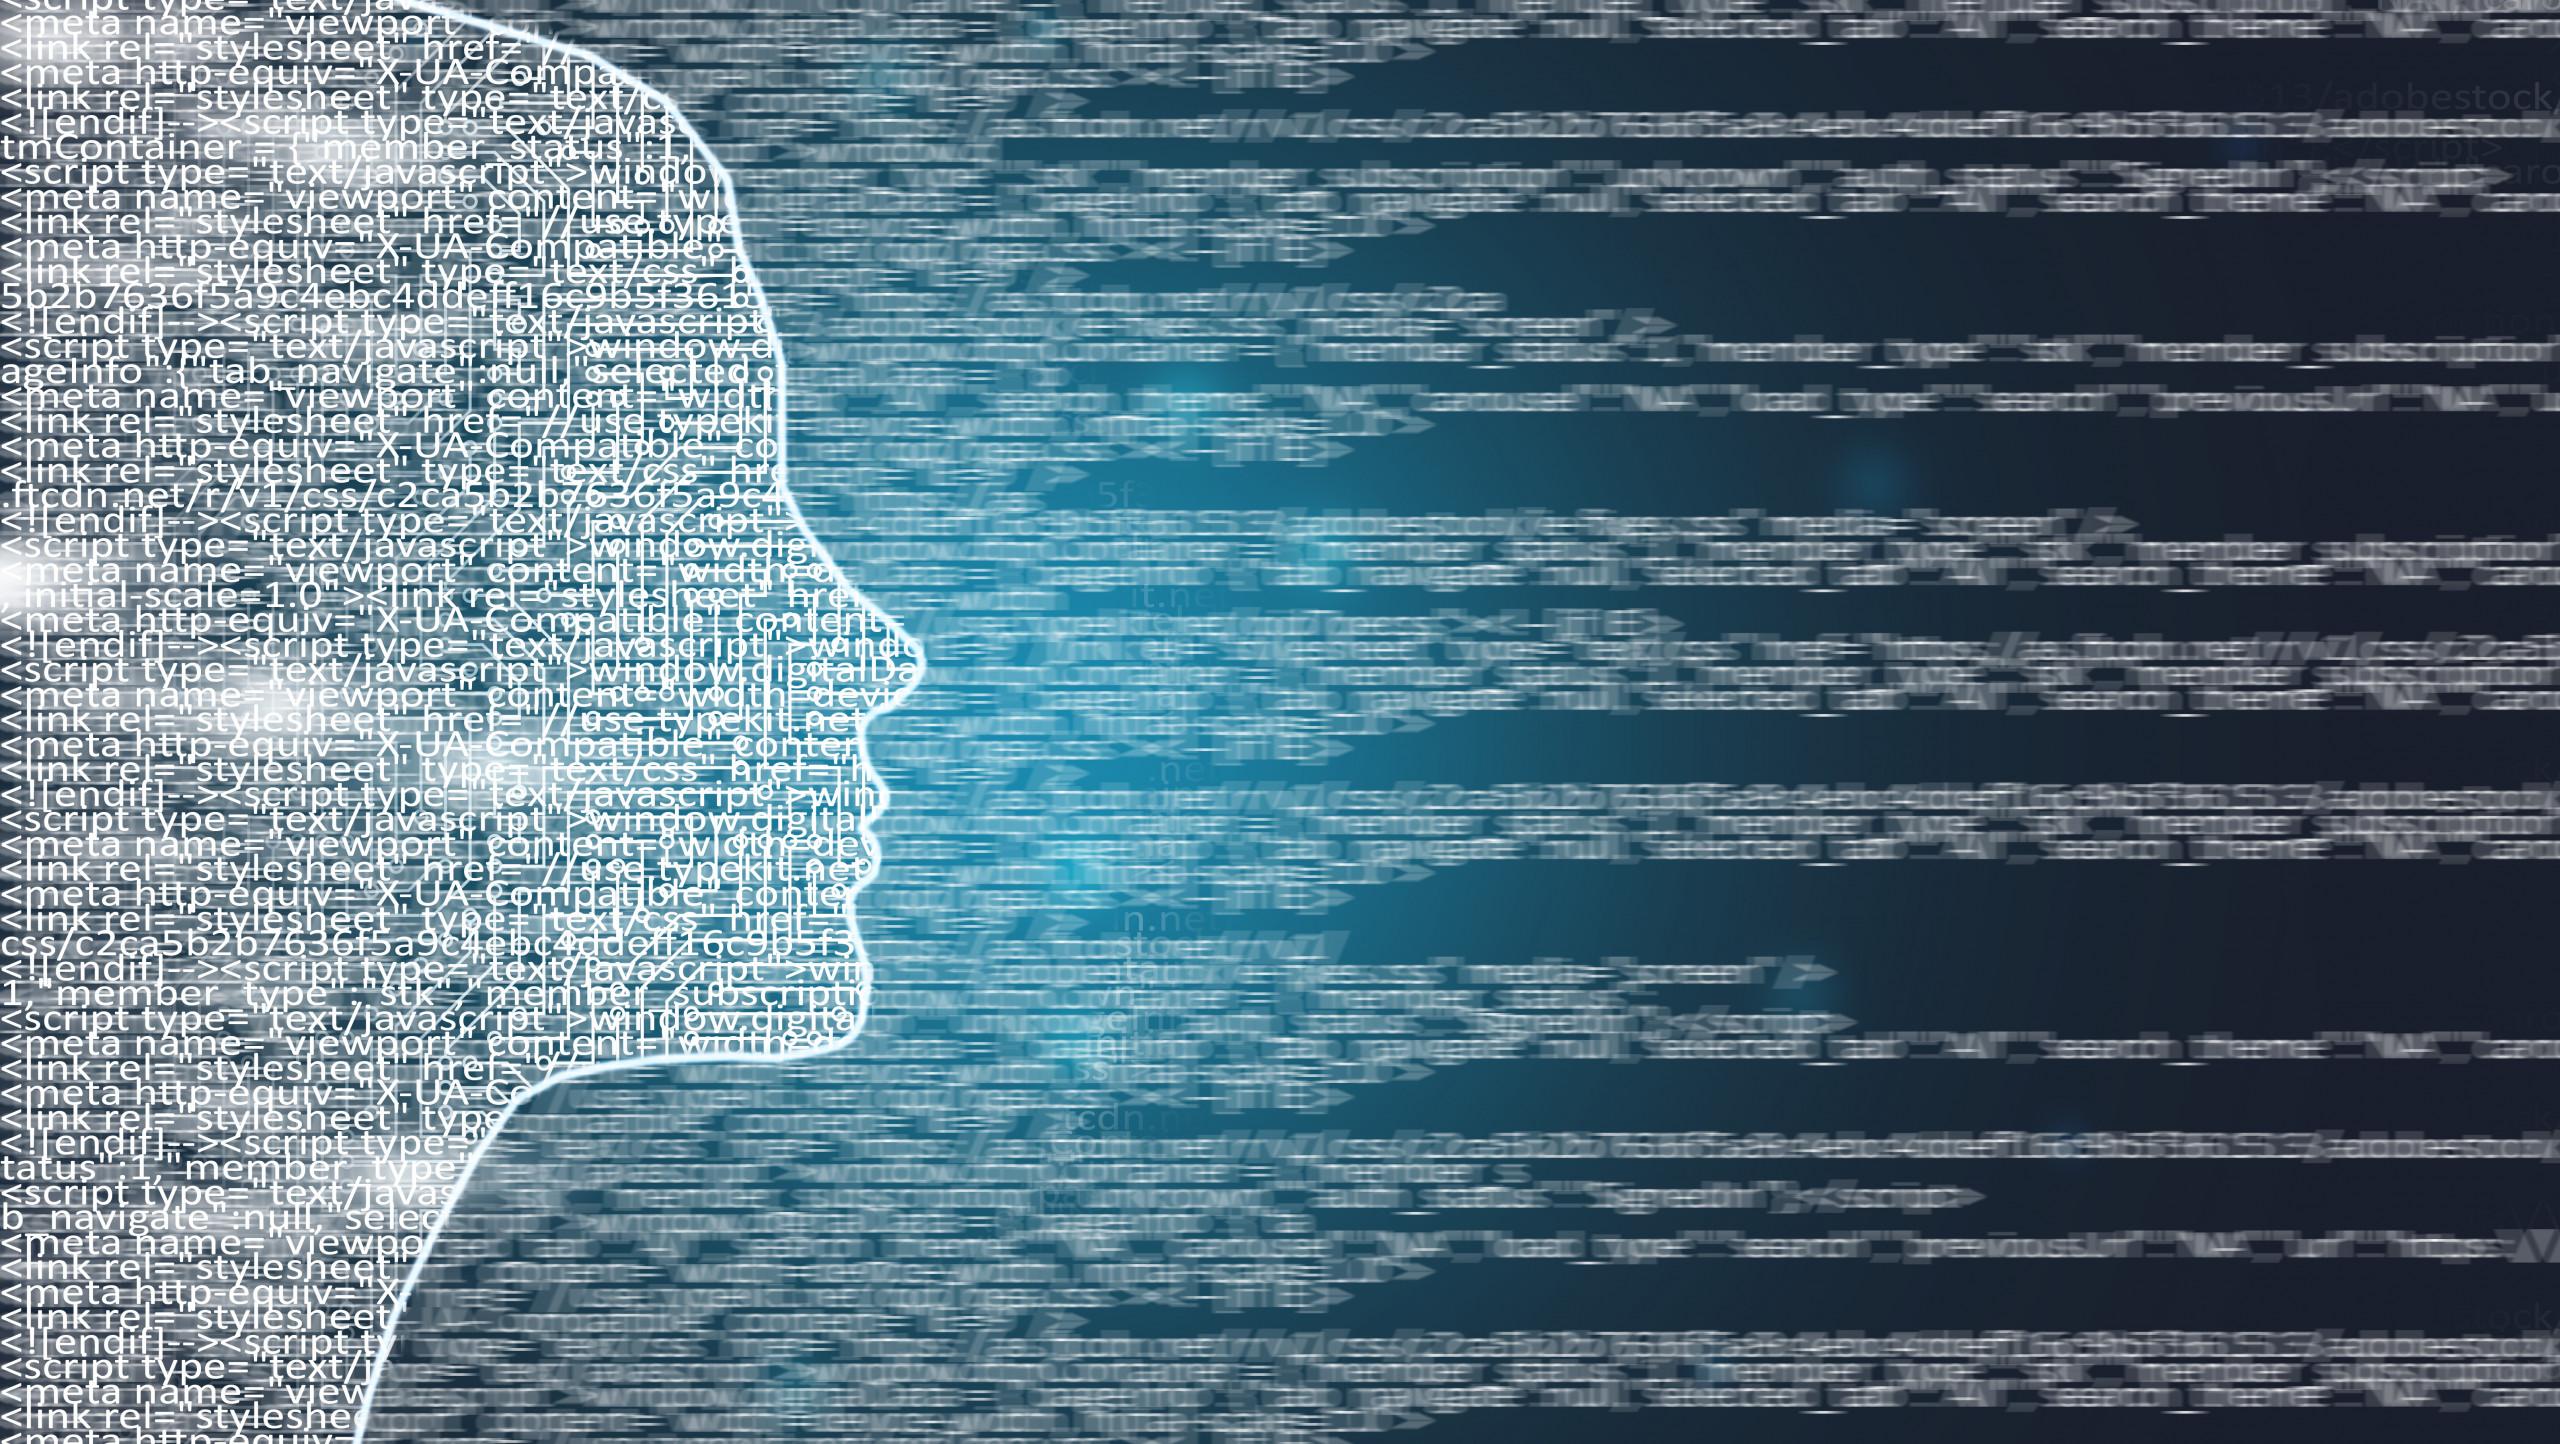 Übersetzung mit Hilfe von künstlicher Intelligenz